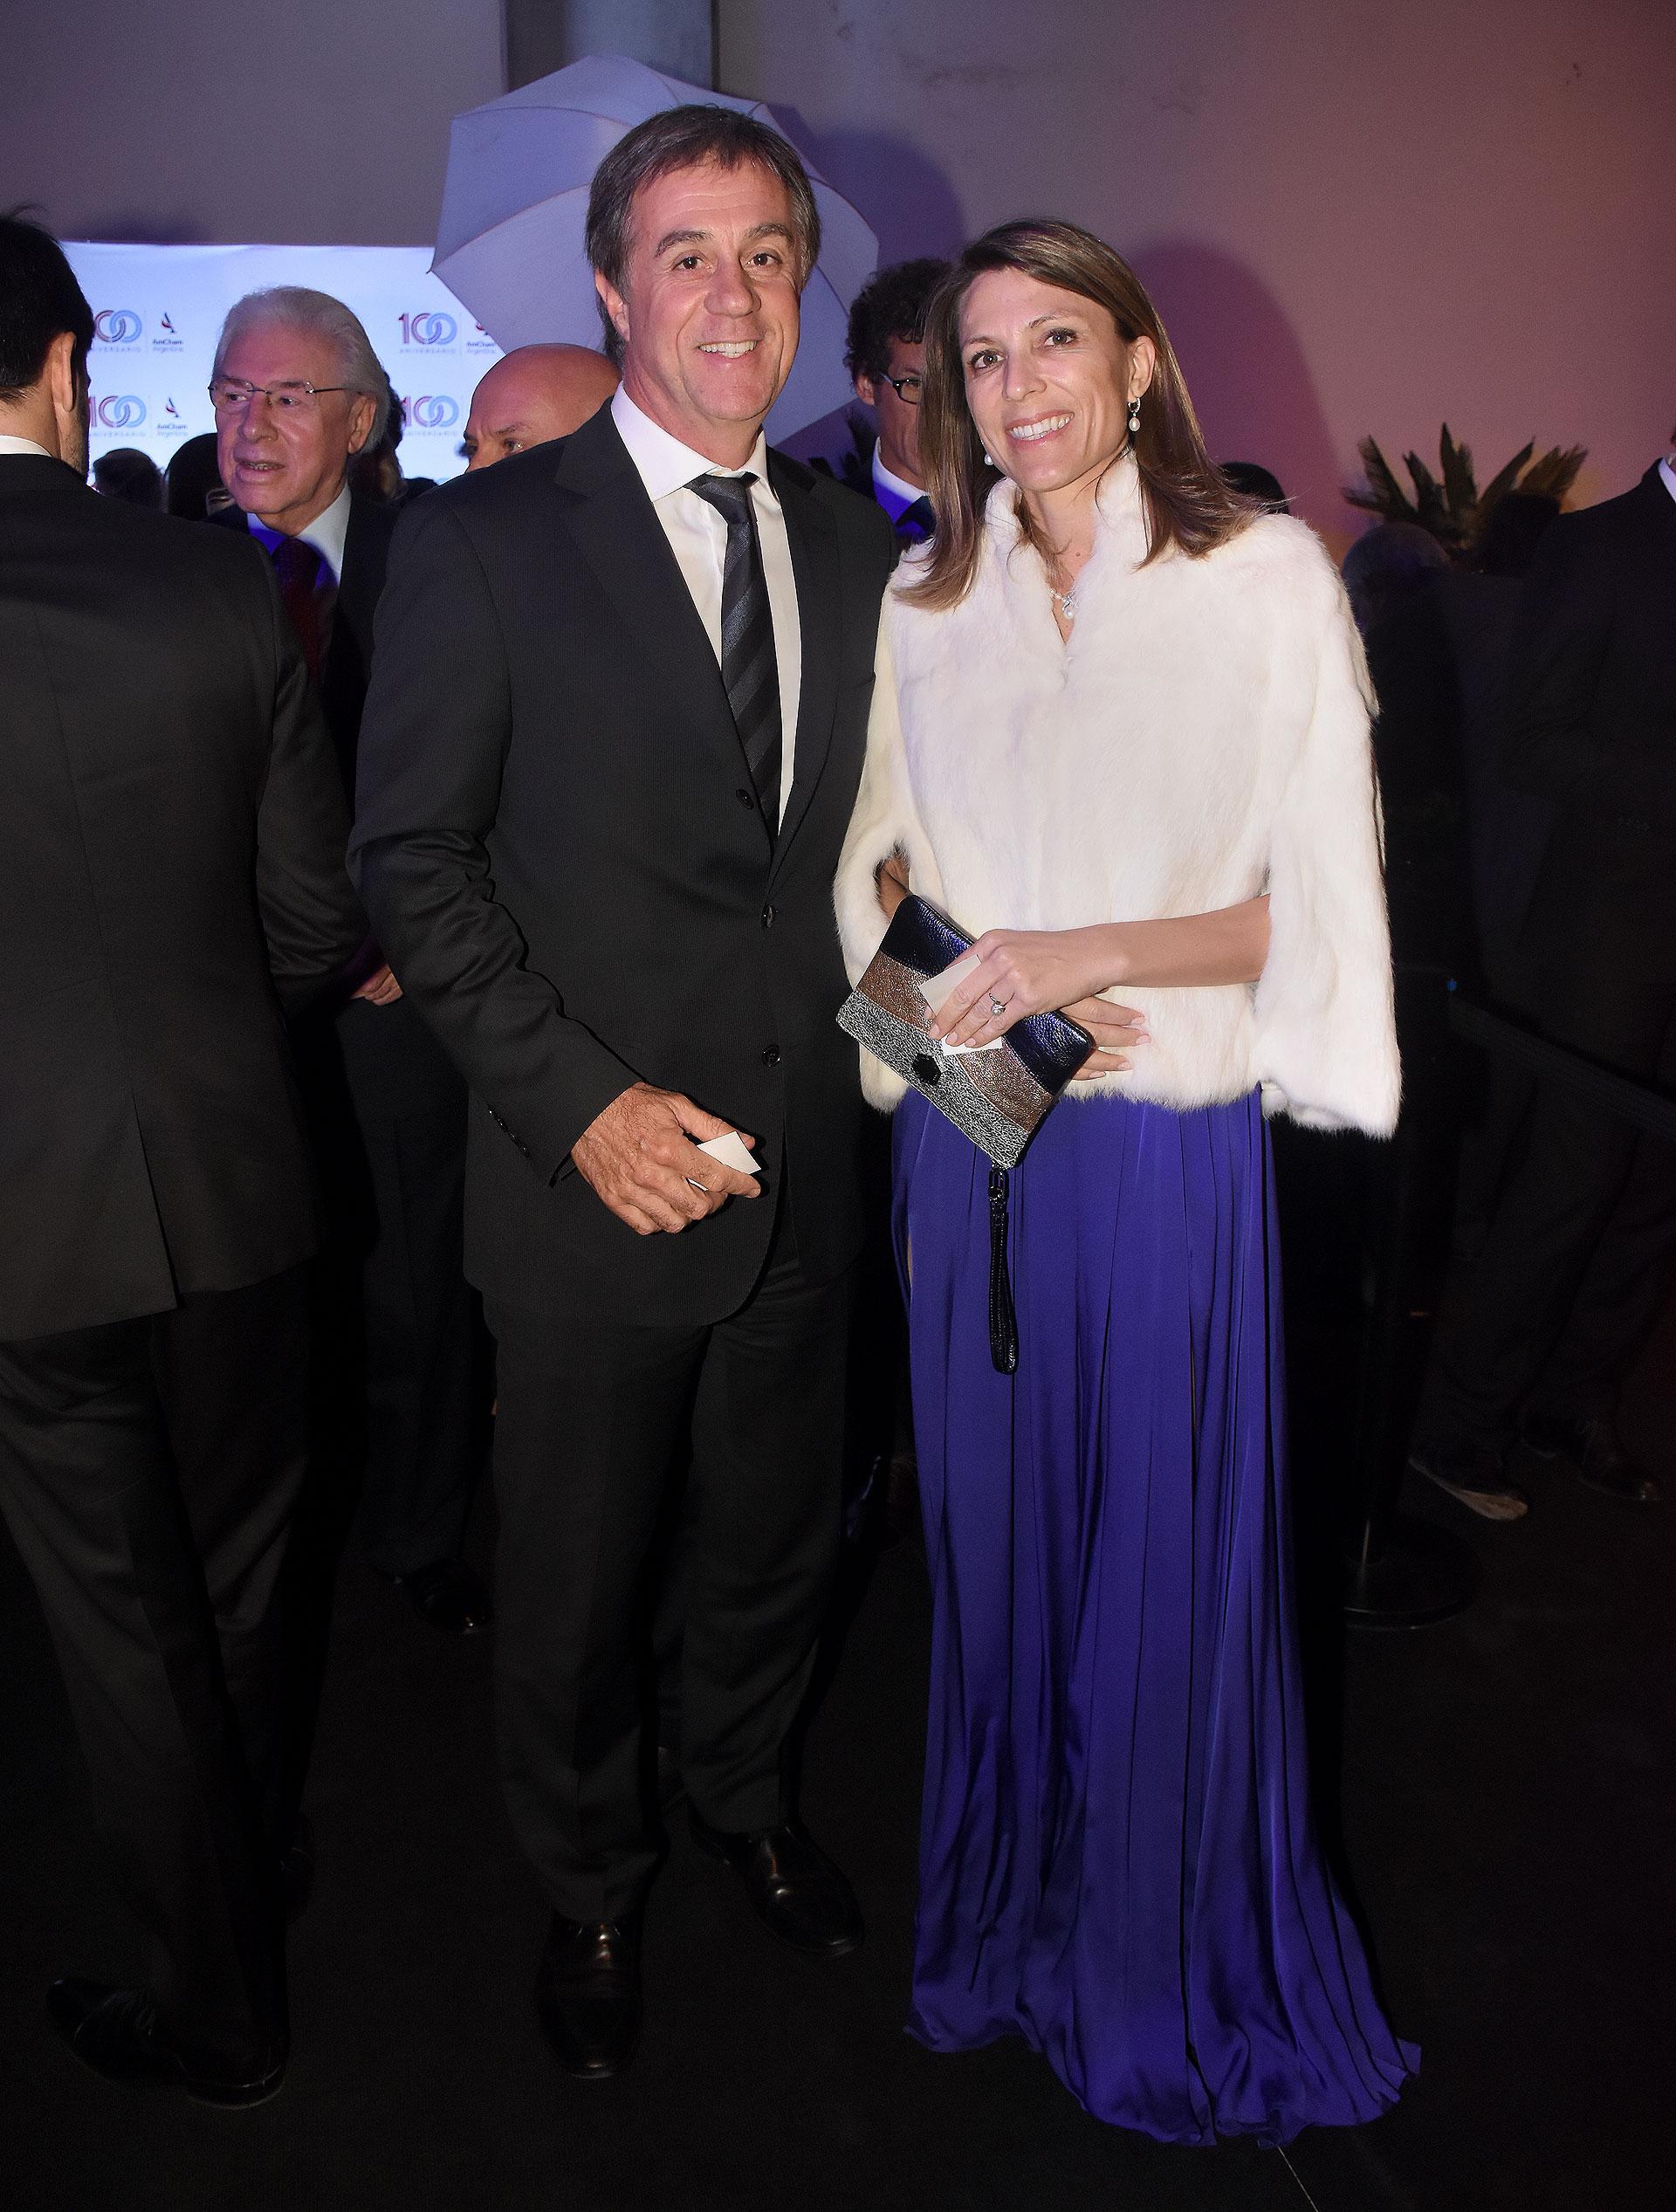 Isela Costantini, ex CEO de General Motors y Aerolíneas Argentinas, y su pareja, el empresario Fernando Cinalli